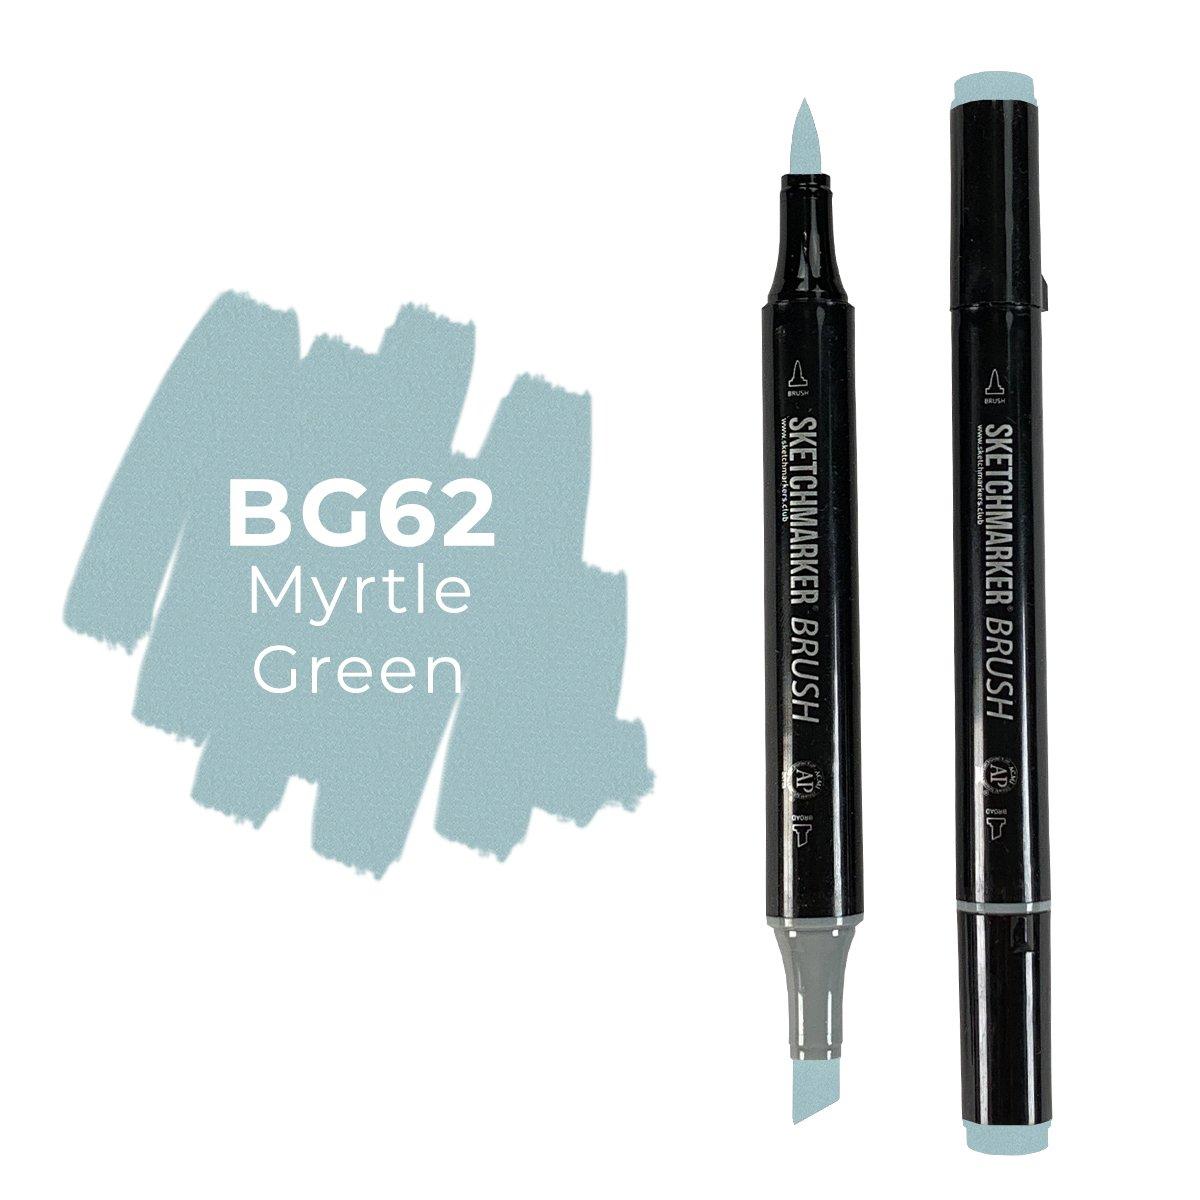 SKETCHMARKER BRUSH PRO Color: Myrtle Green